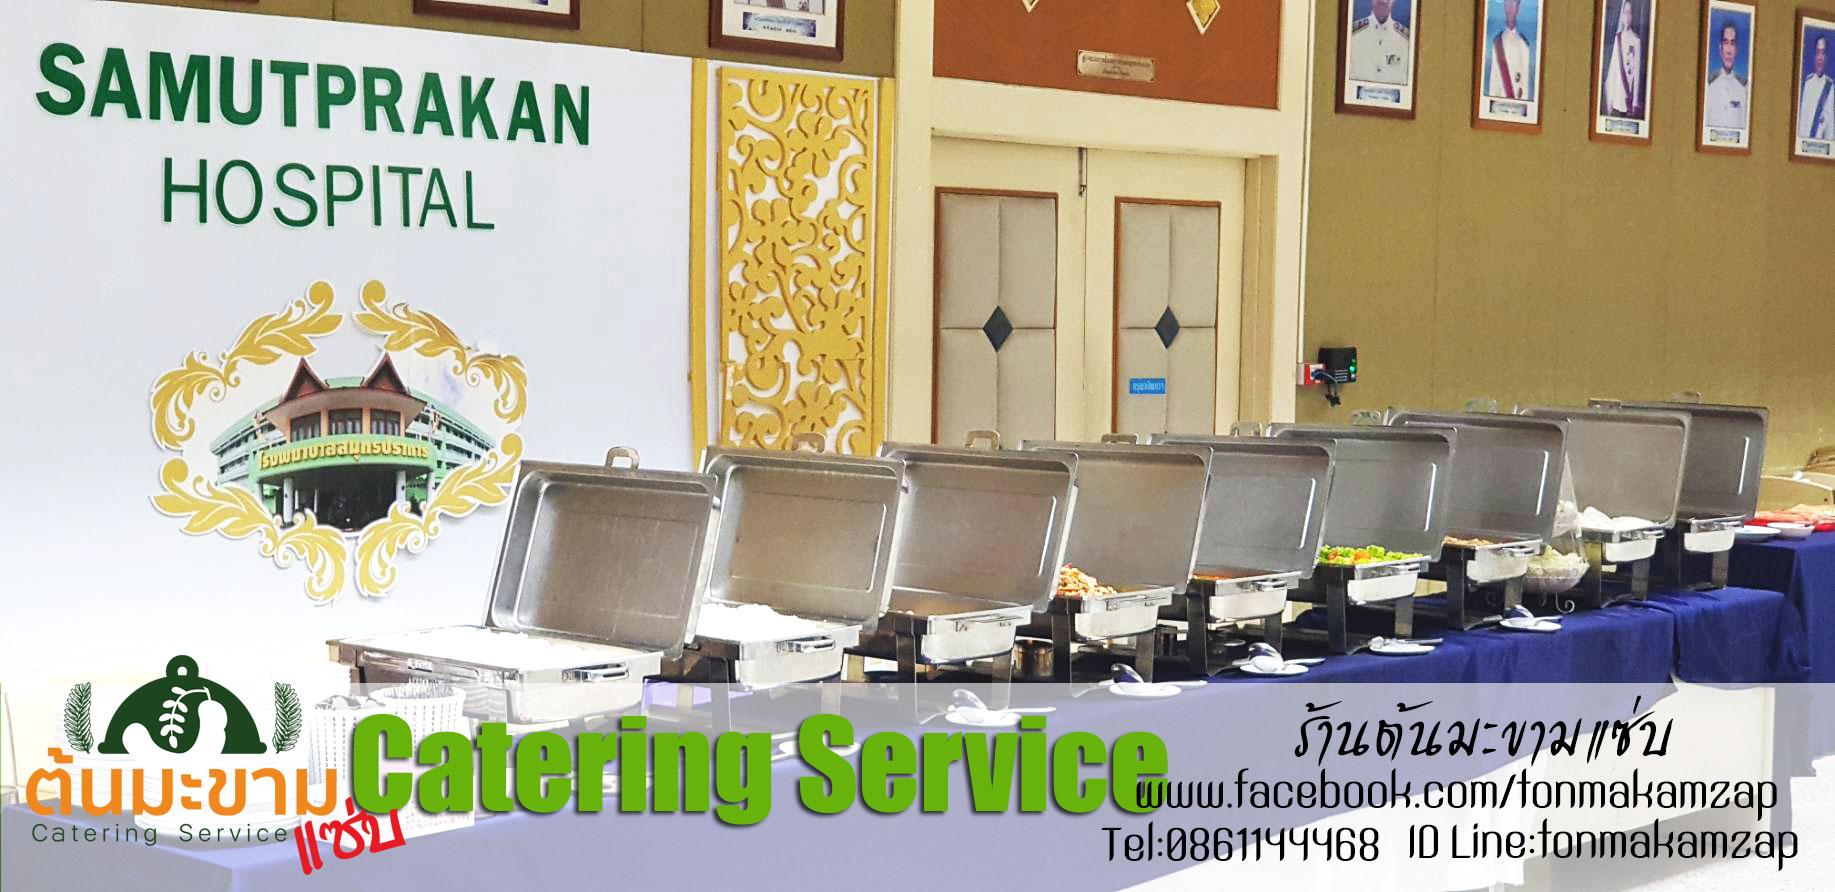 Catering Service สถานที่ โรงพยาบาล สมุทรปราการ